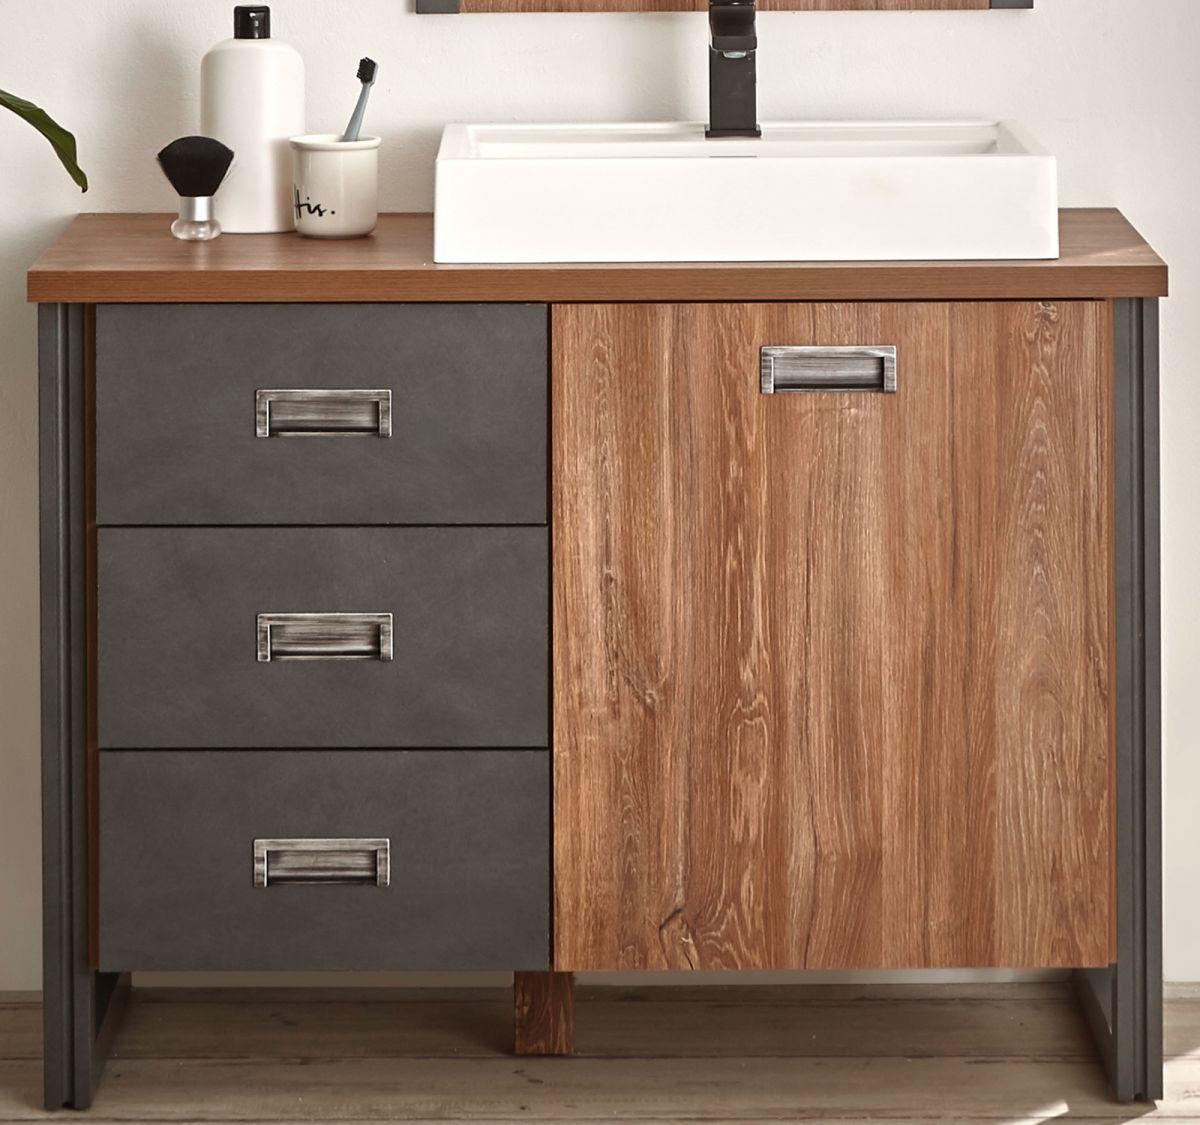 Waschbeckenunterschrank mit Waschbecken Auburn Eiche Stirling und Matera grau 91 x 75 cm